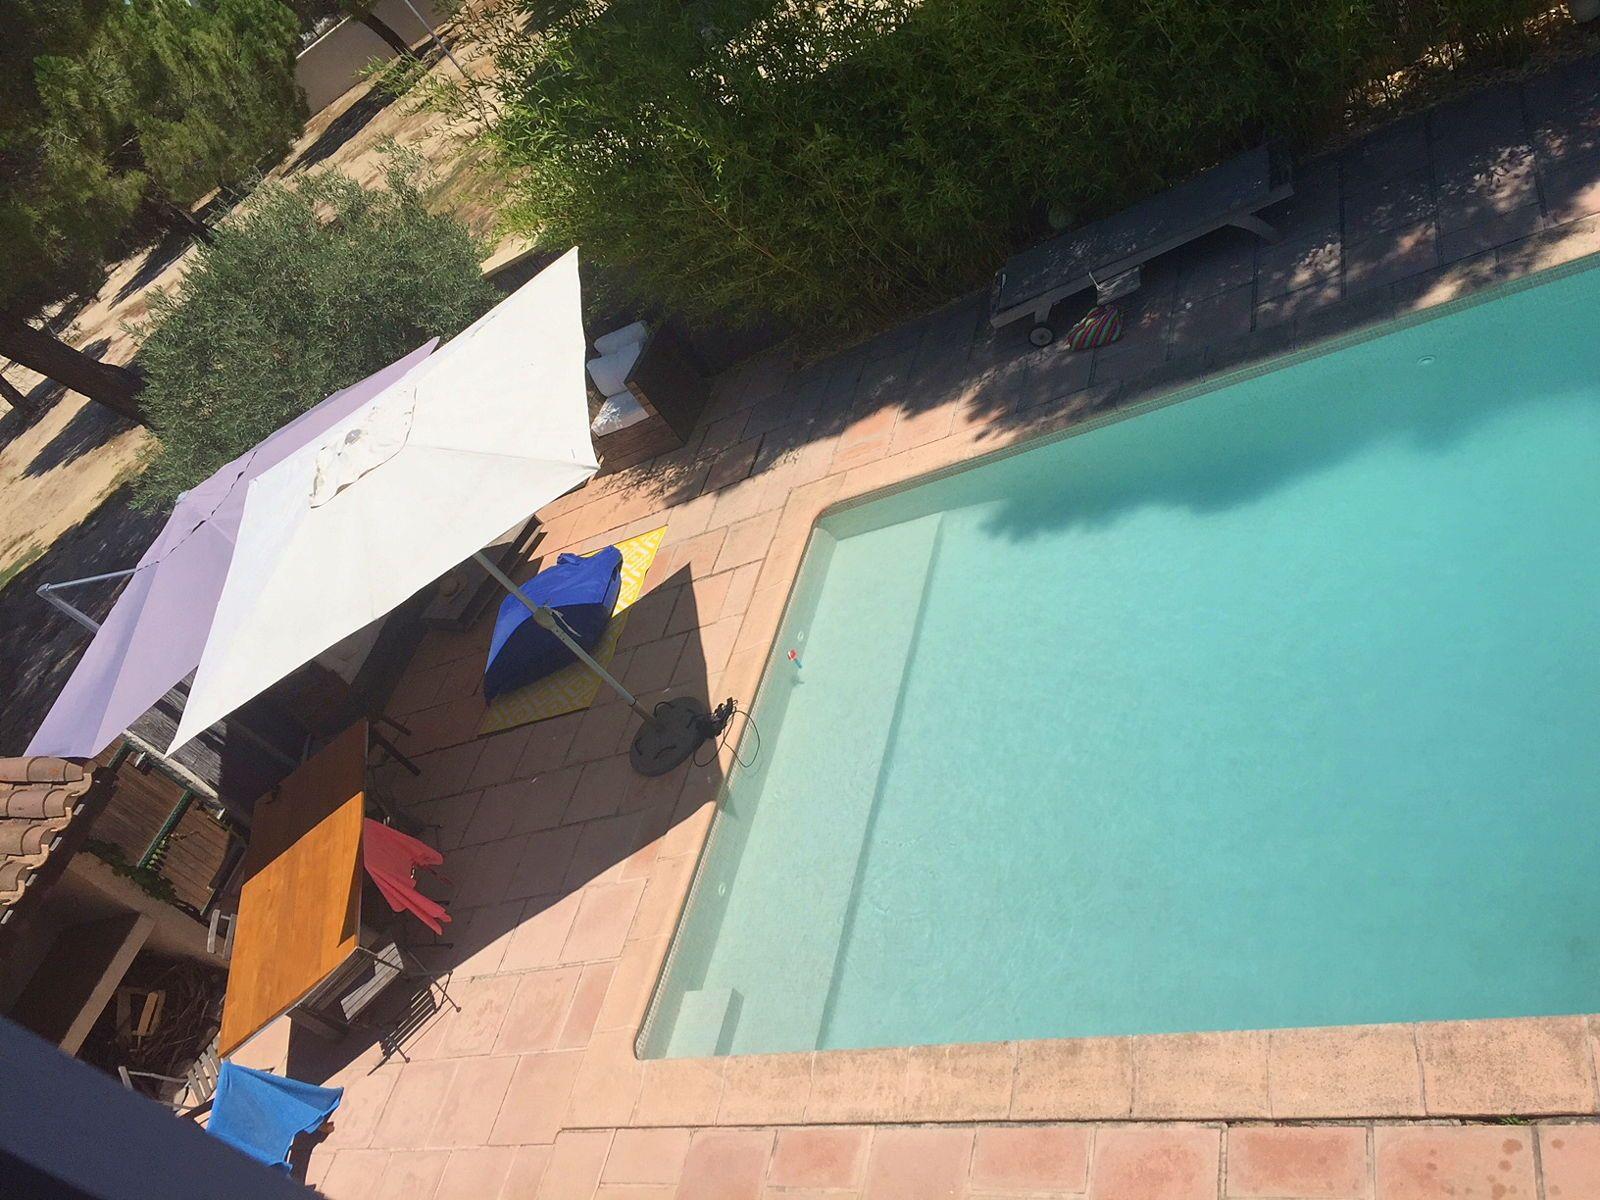 Loue villa à Baillargues (34) avec piscine 6-9couchages 15min plage